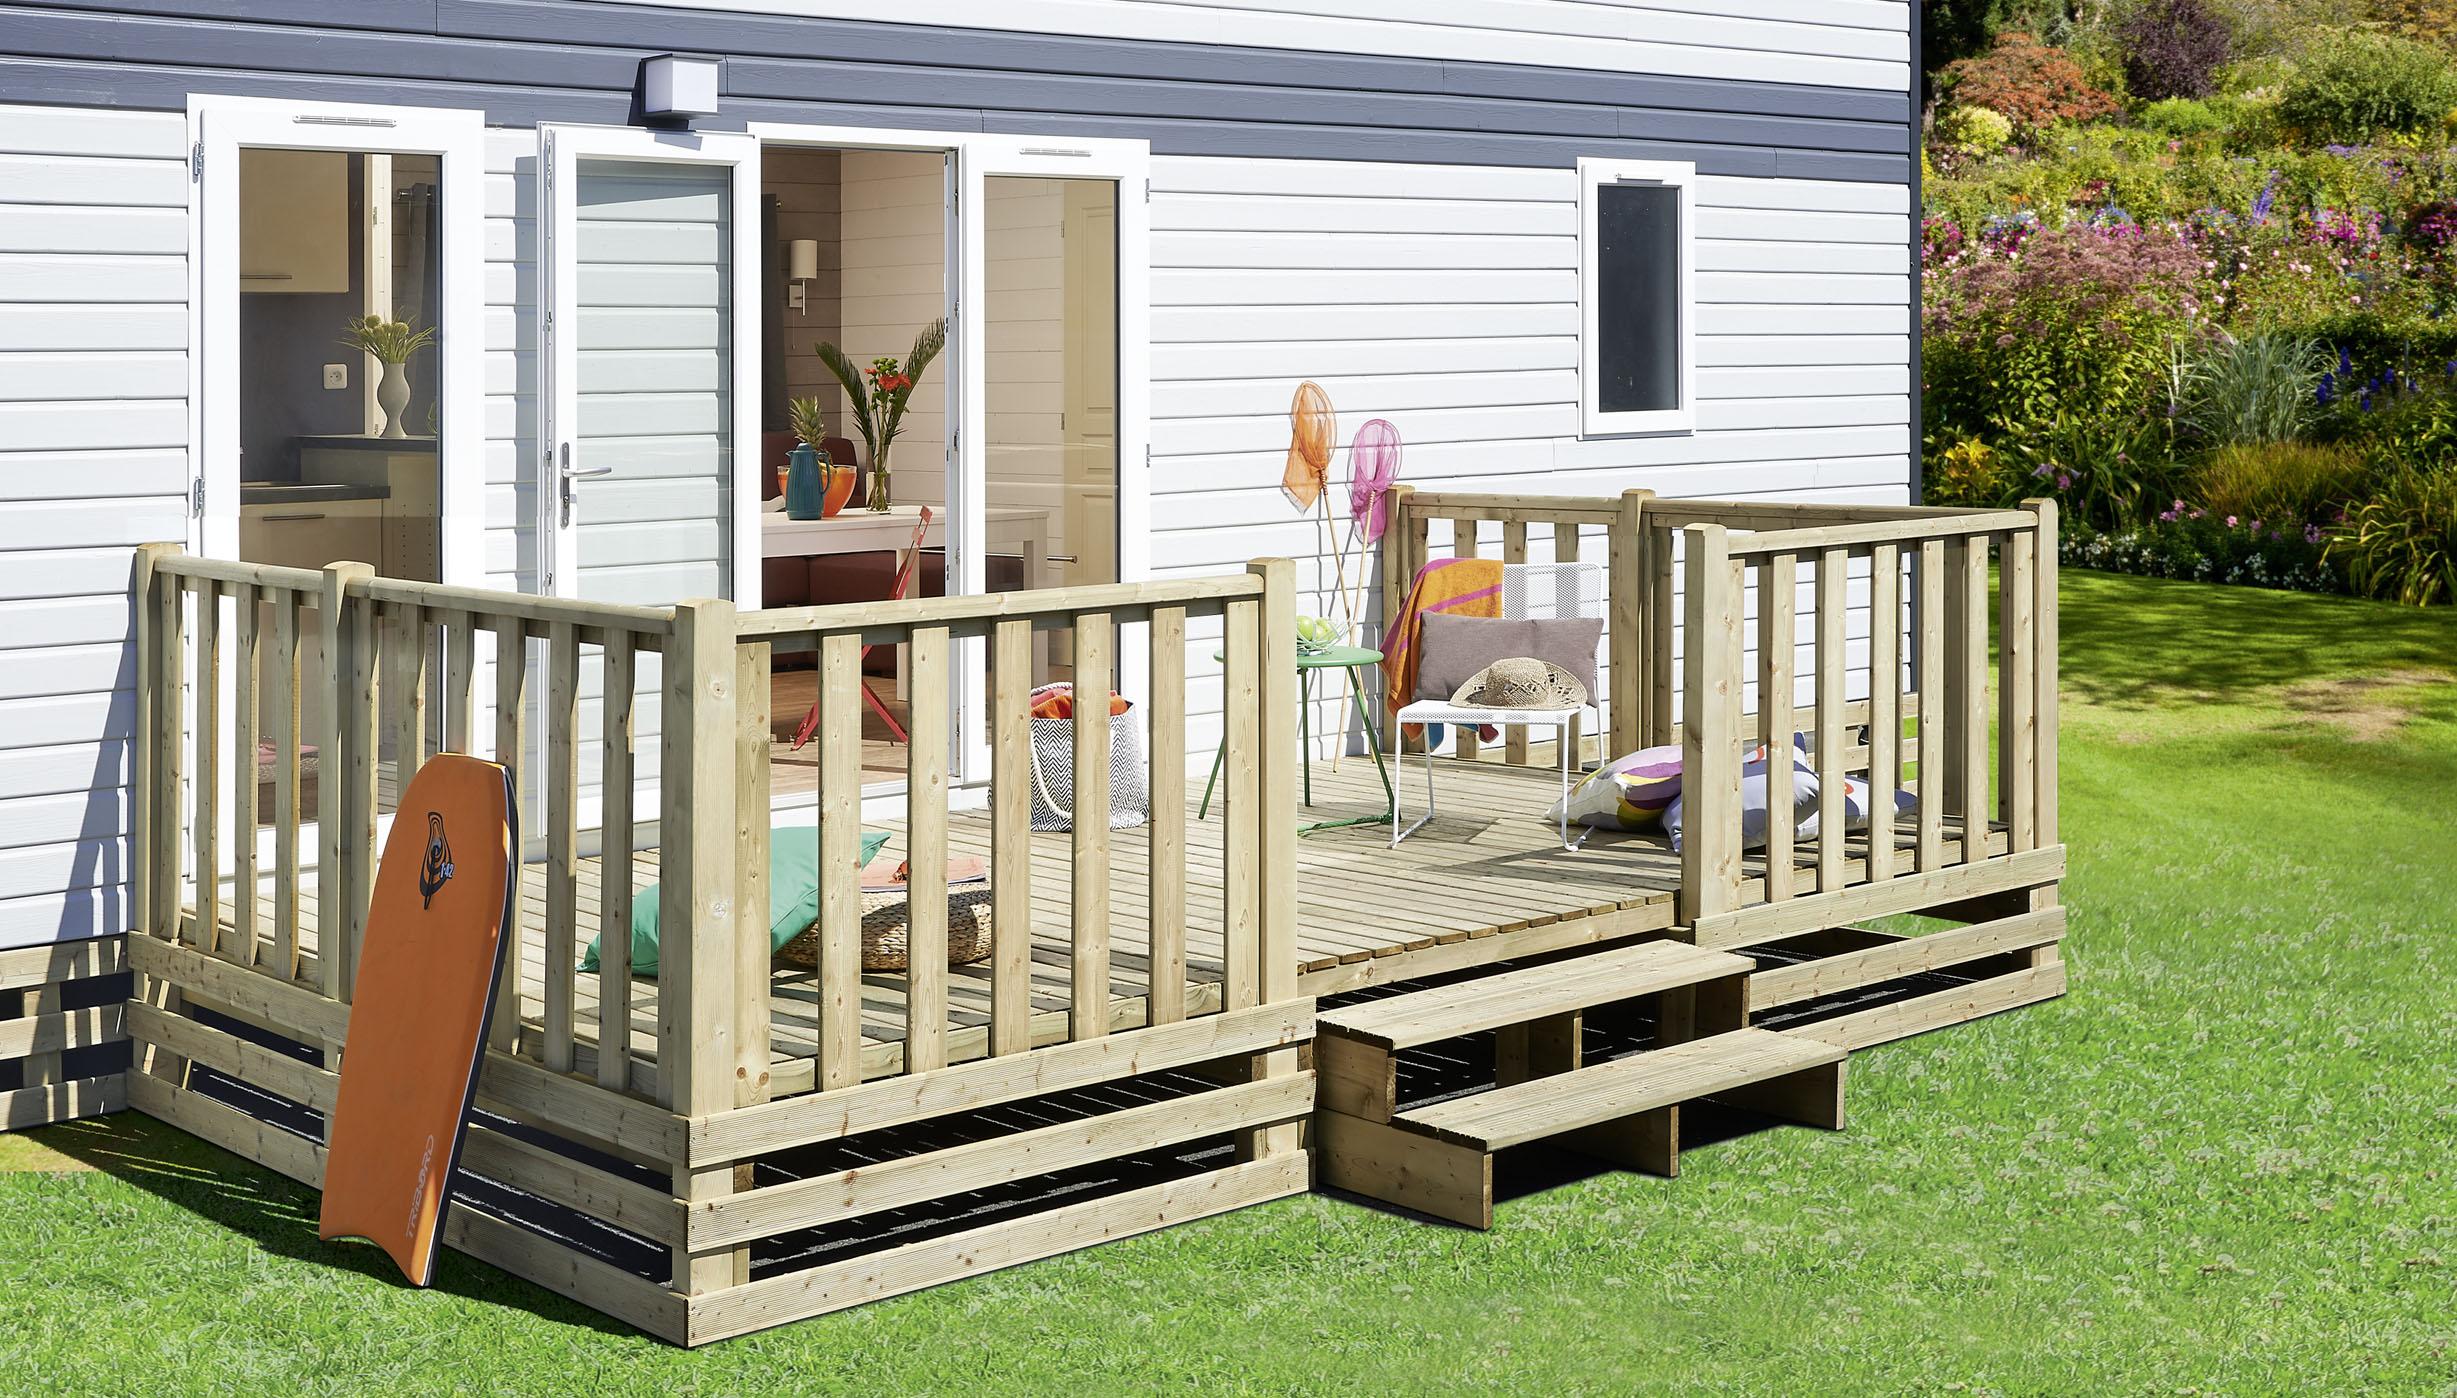 Terrasse En Bois Pour Mobil Home - Terrasse en bois pour mobil home, CLAIRVAL Conseils pratiques Terrasses Mobilhome